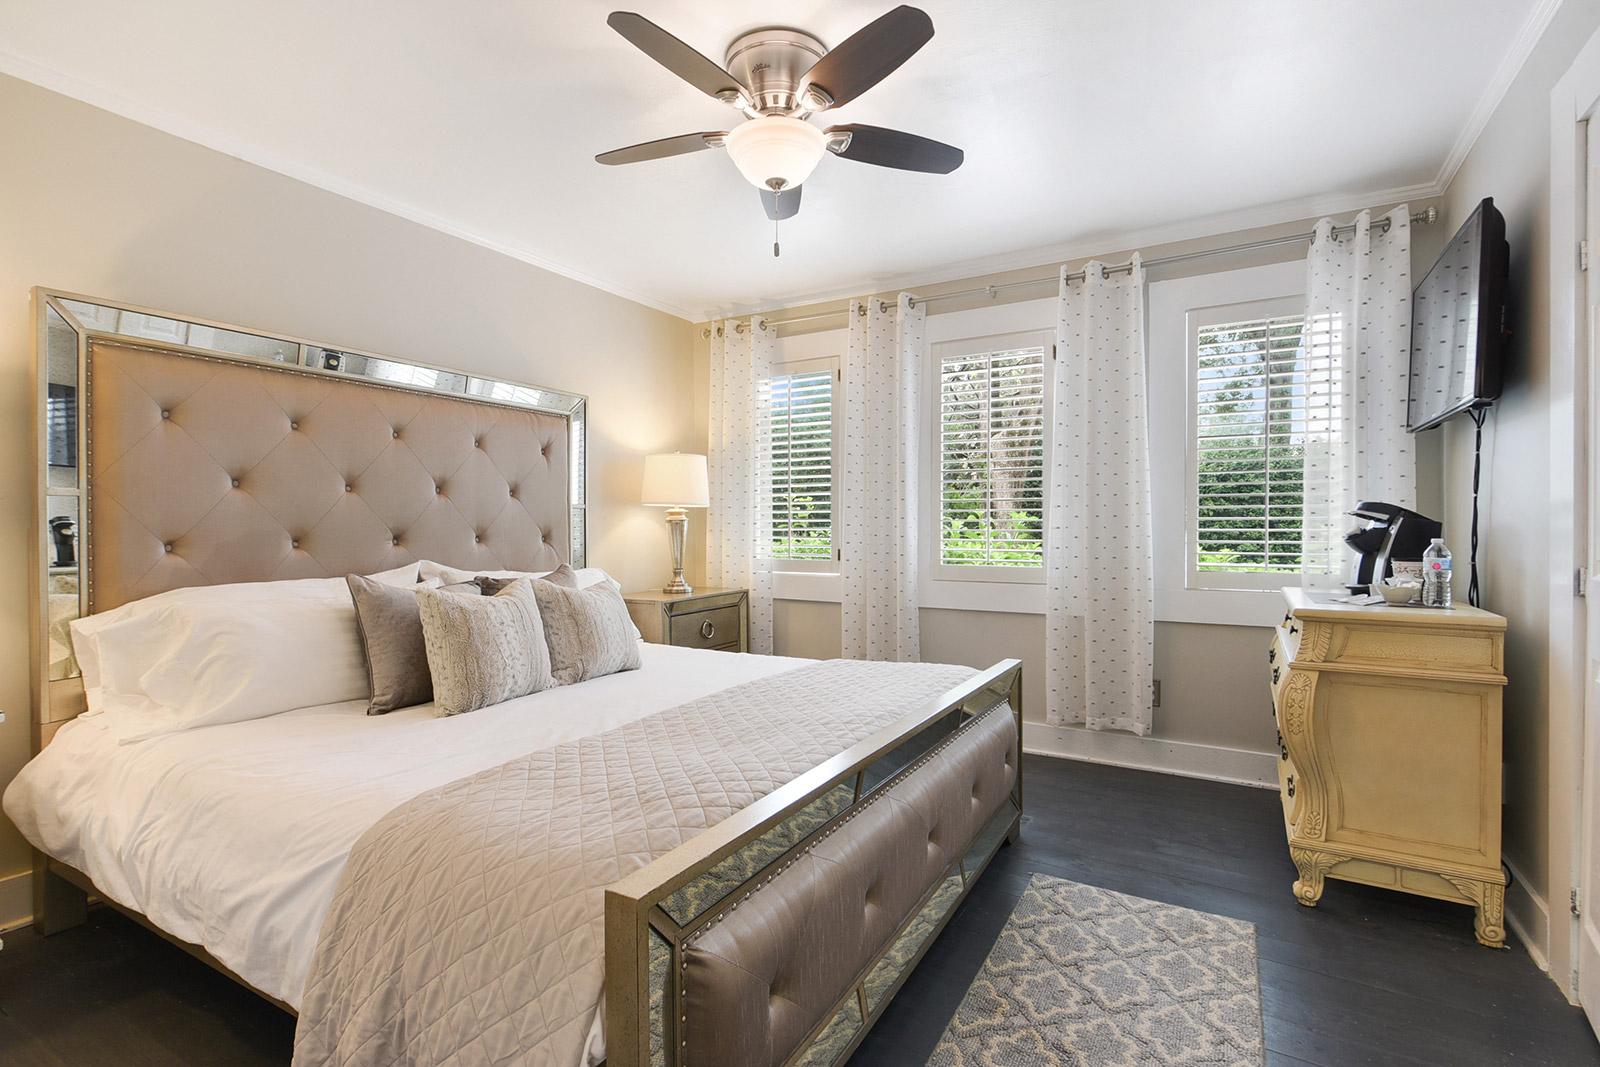 Louisiana Room